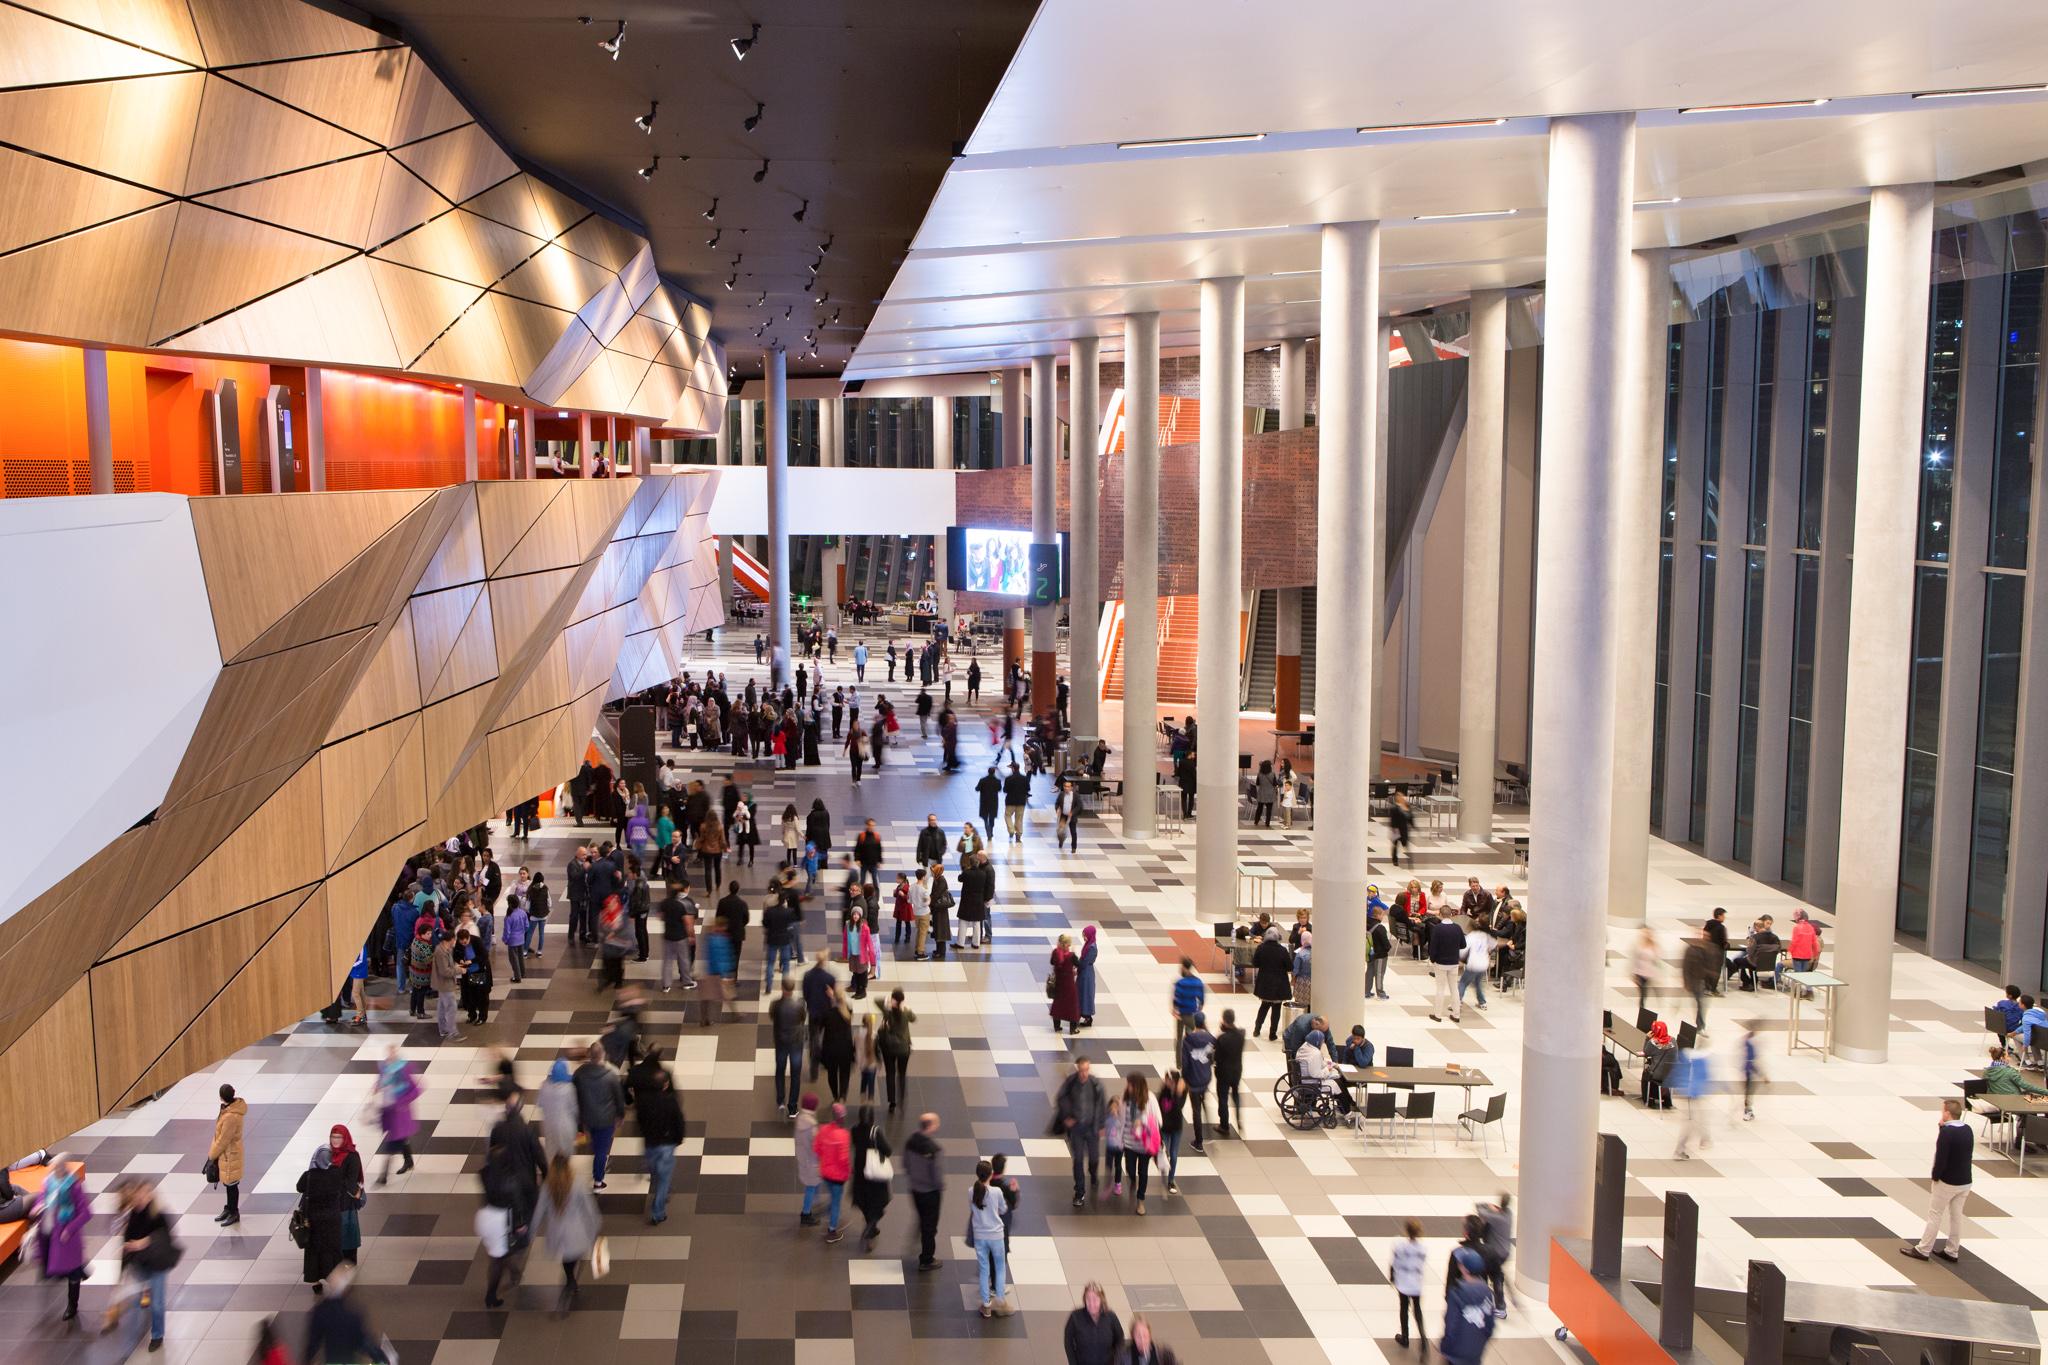 Melbourne Exhibition Centre Foyer